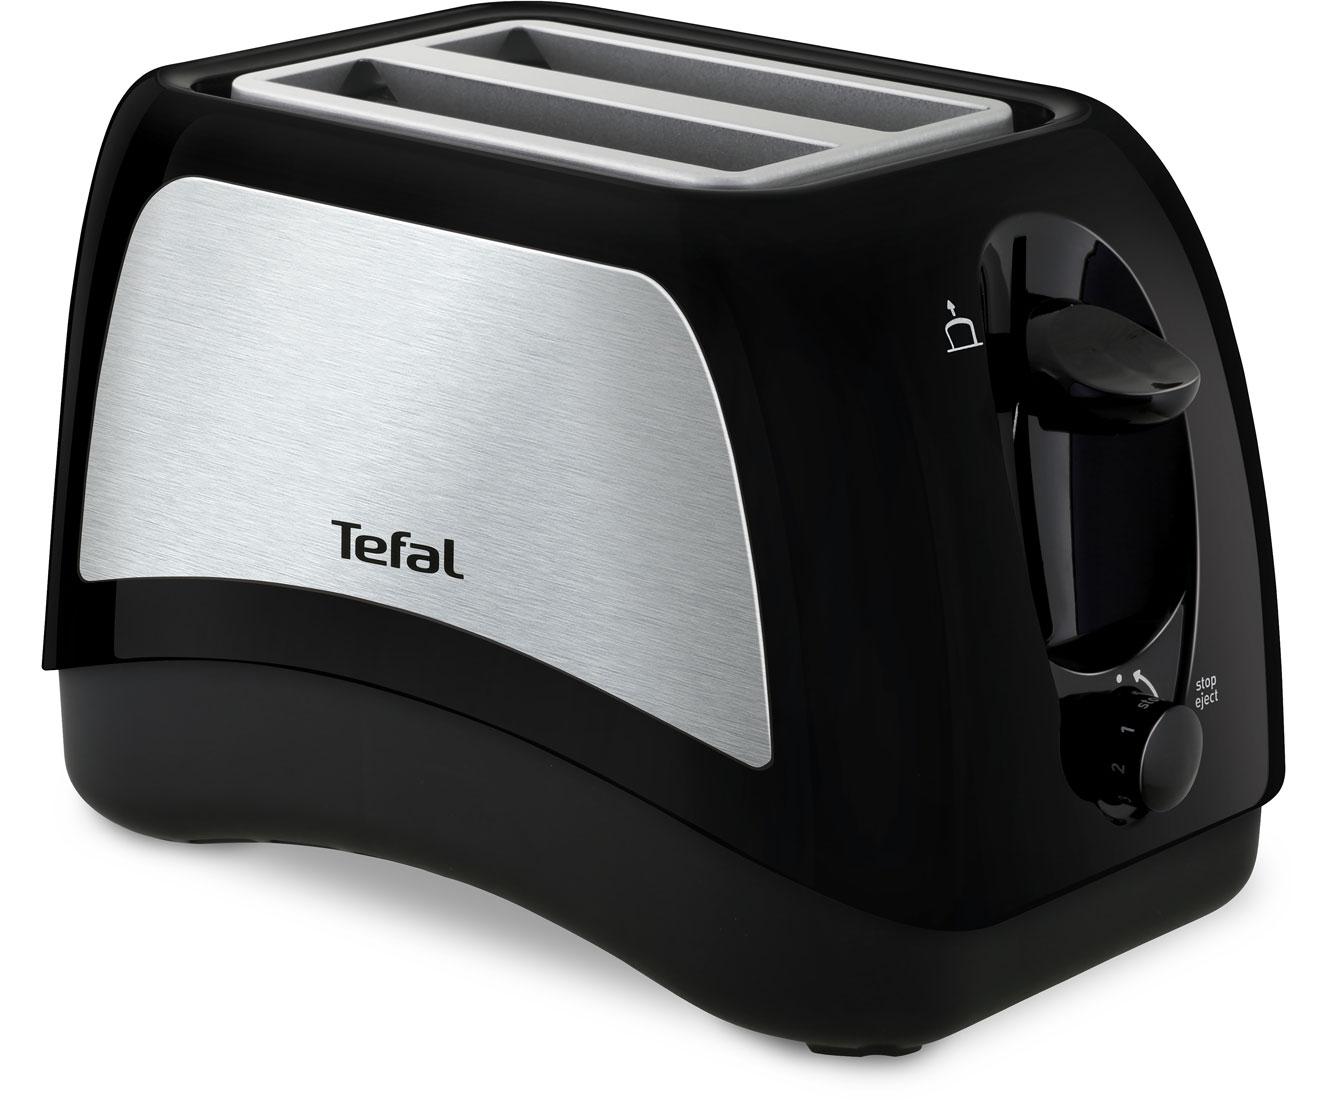 Tefal Delfini Plus TT131D Wasserkocher & Toaster - Schwarz   Küche und Esszimmer > Küchengeräte > Toaster   Schwarz   Tefal